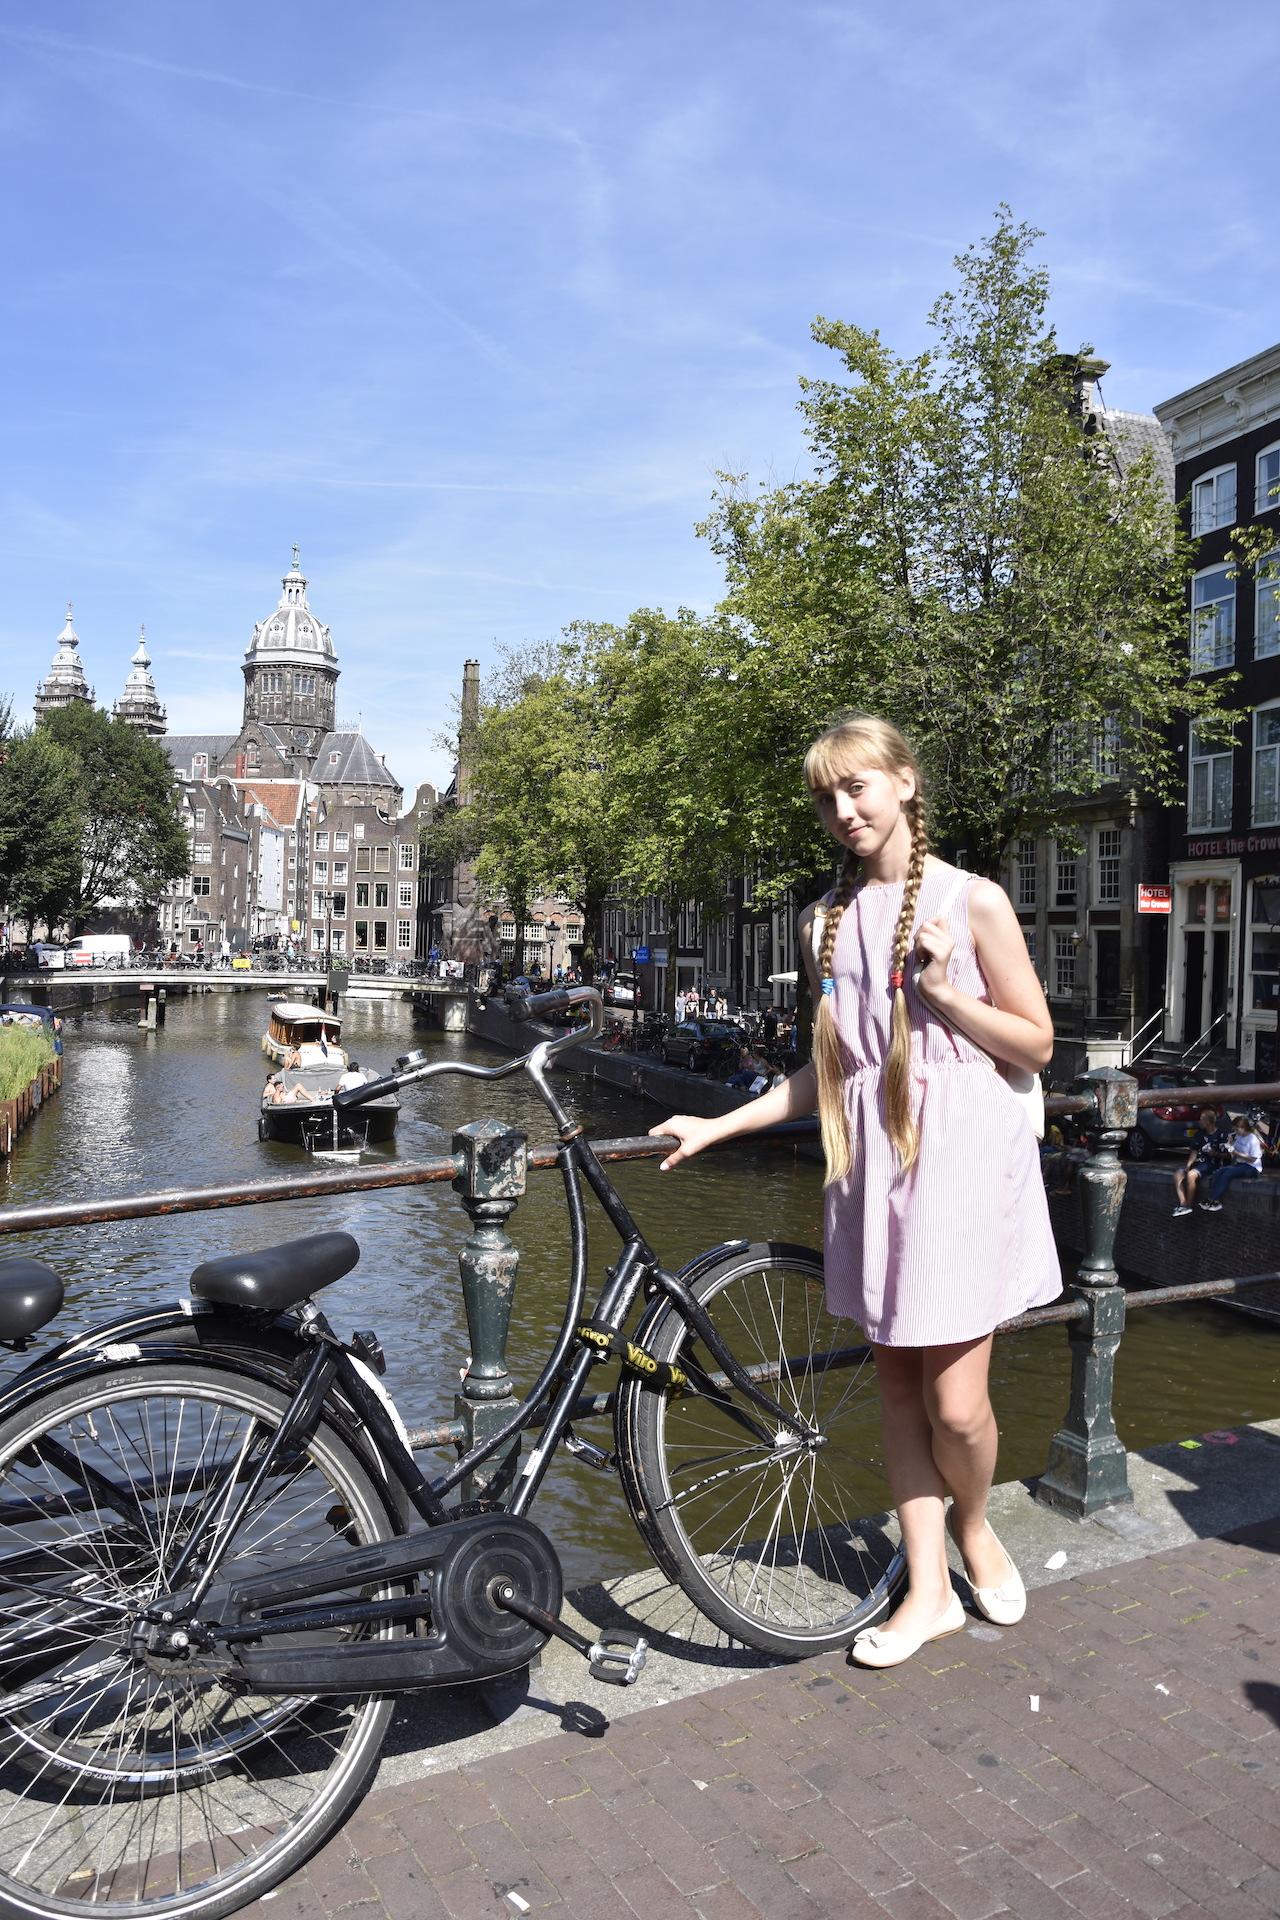 ТерраКидс_Амстердам0672